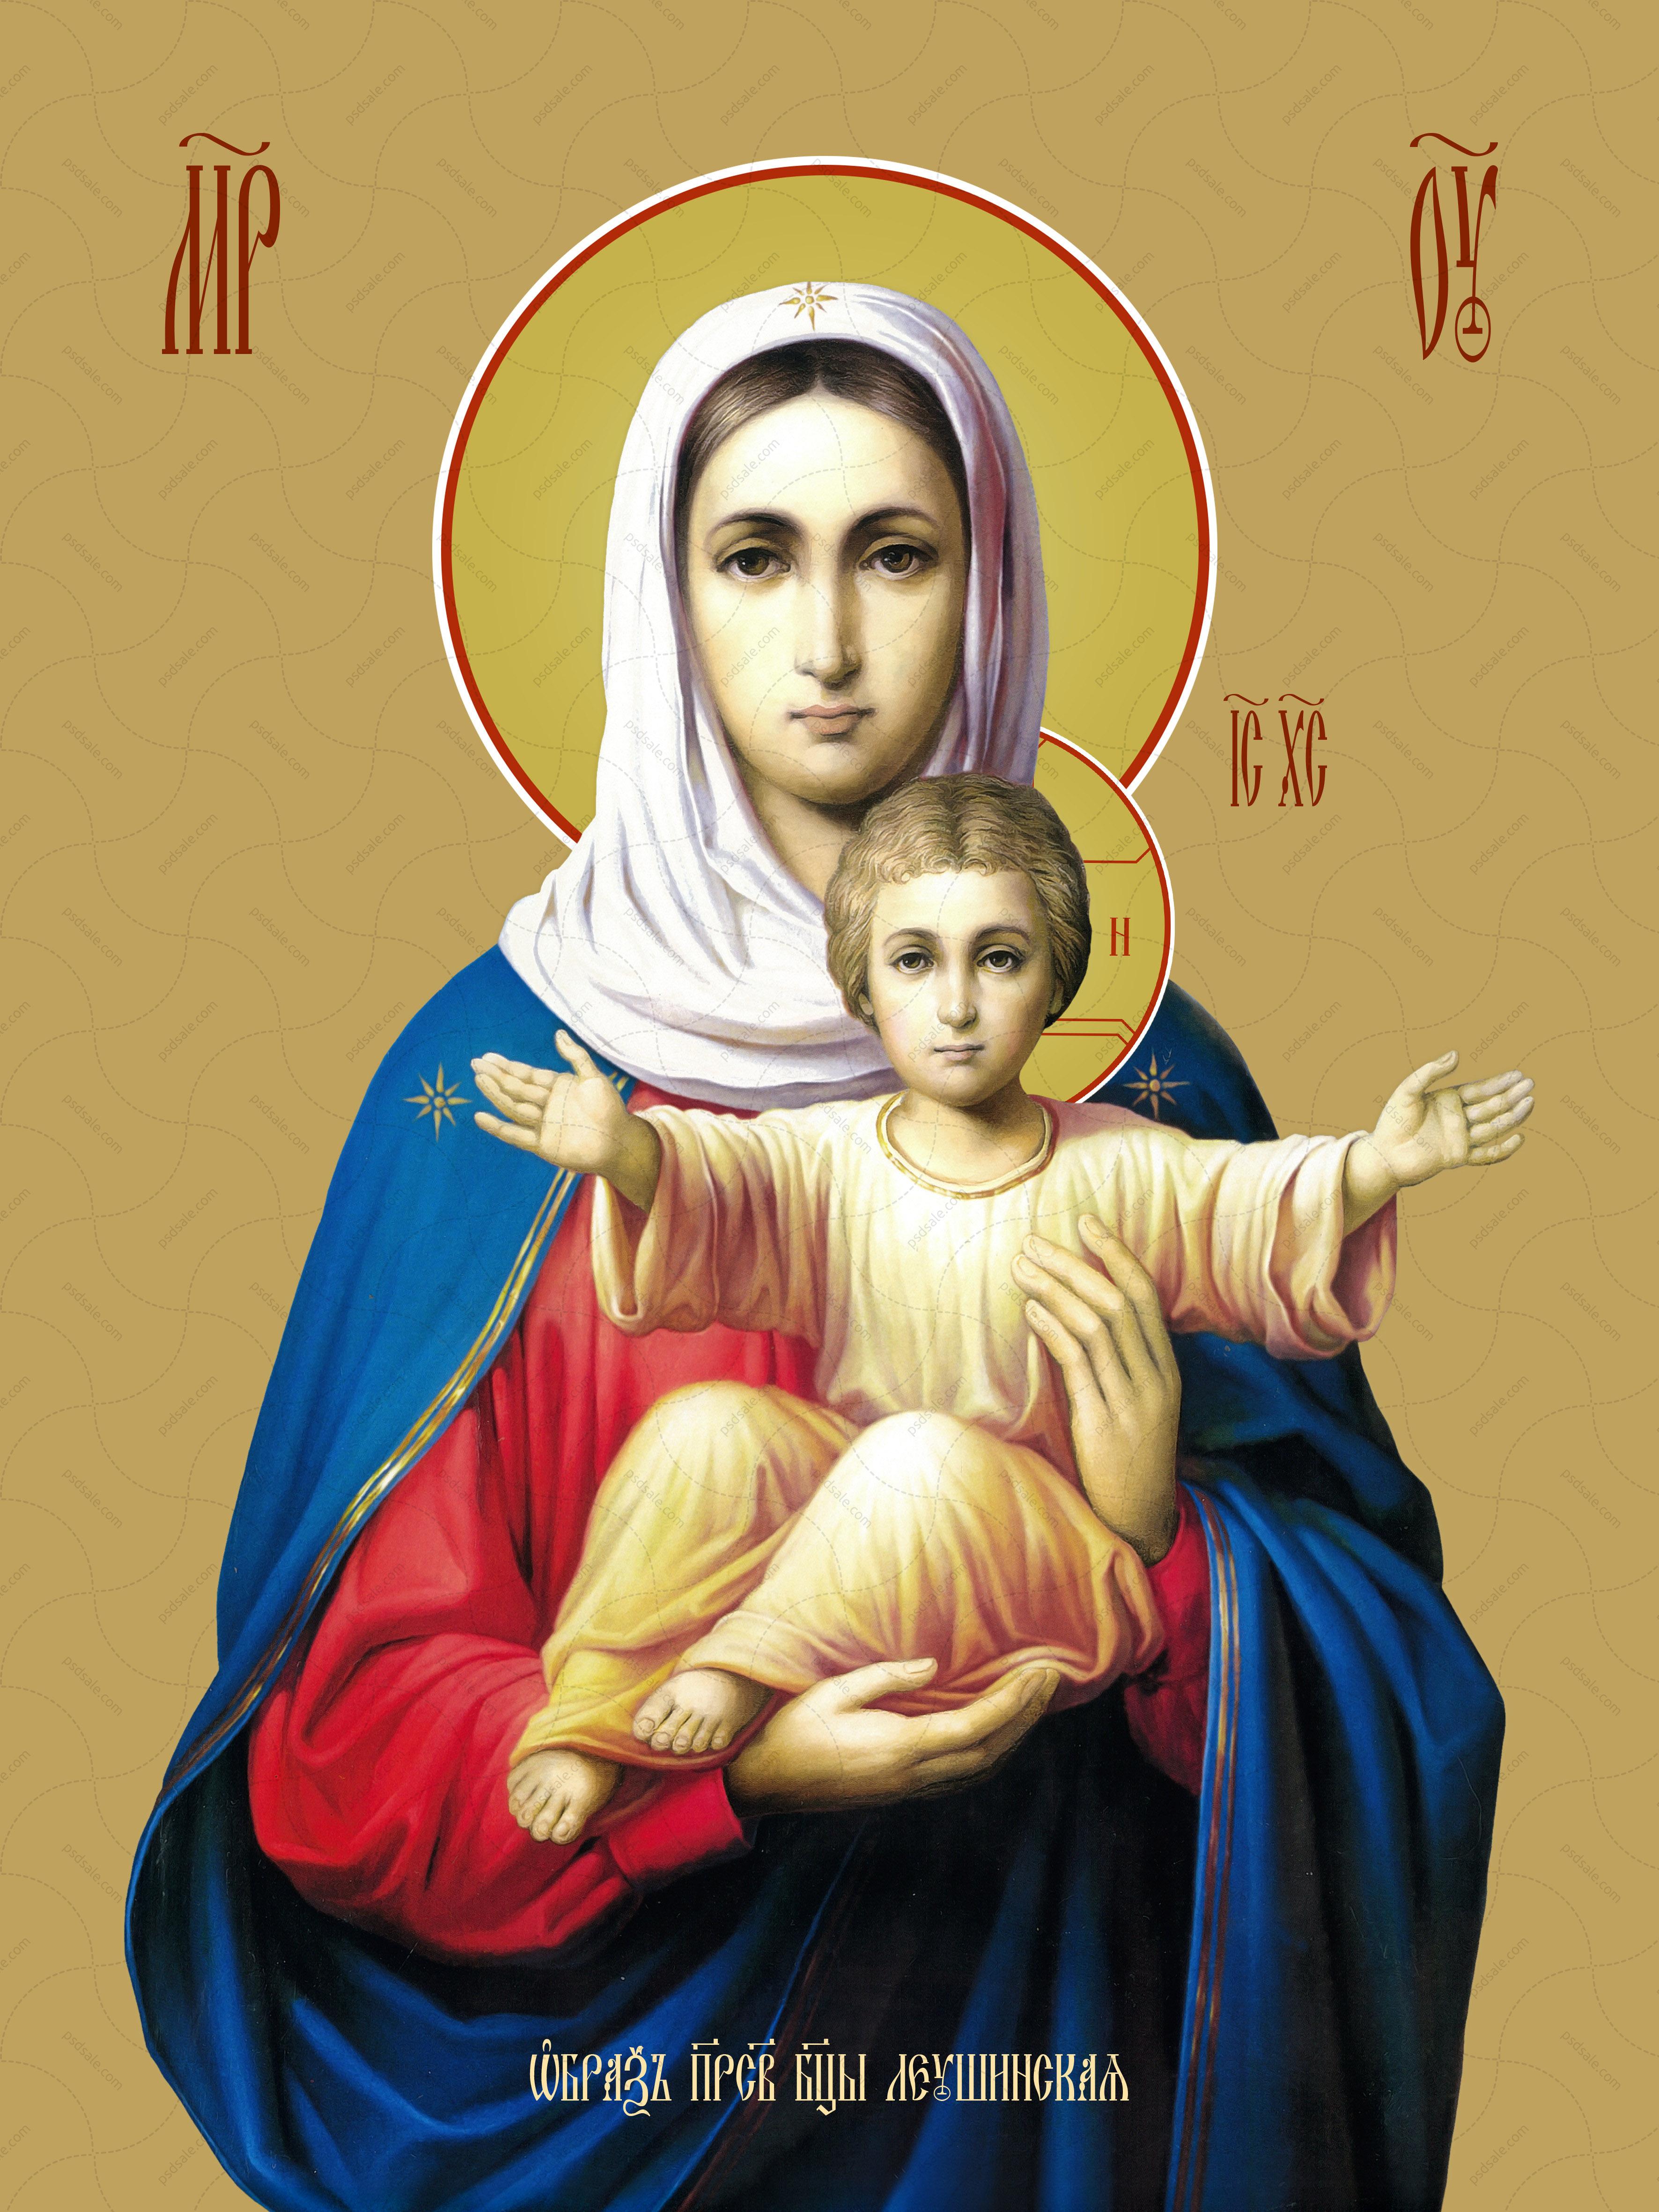 Леушинская икона божьей матери